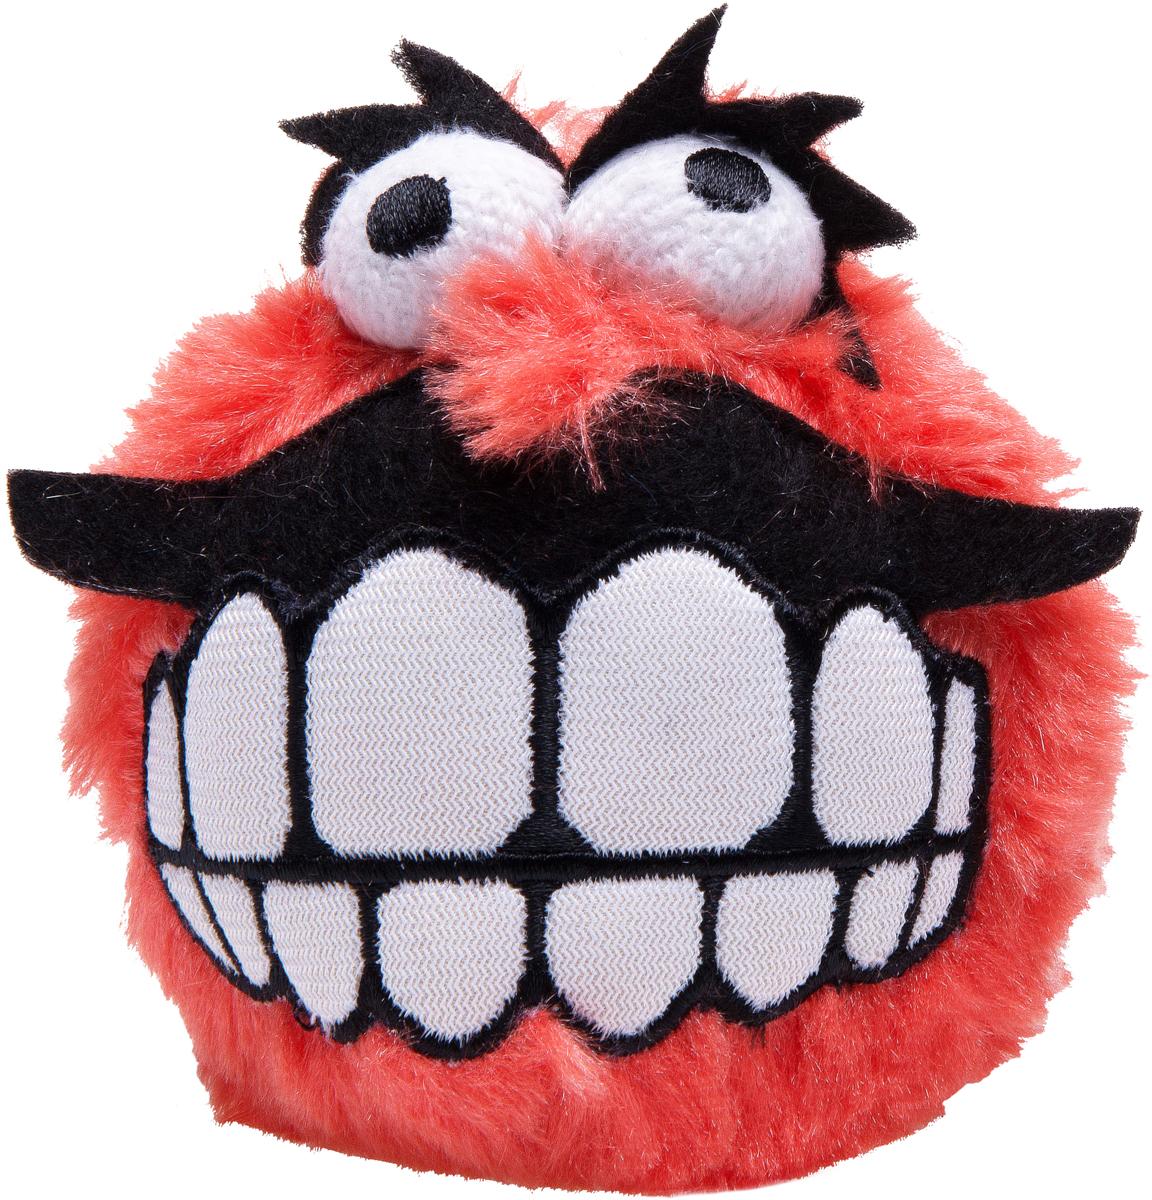 Игрушка для собак Rogz Fluffy Grinz. Зубы, цвет: красный, диаметр 6,4 смGLG030/BmИгрушка для собак Rogz Fluffy Grinz. Зубы - особо мягкий, плюшевый мяч. Для животных, которые любят играть в Поймай-принеси - это просто мечта.Небольшой вес изделия.Не травмирует зубы и десны.Удобен для переноски животных.Внутри игрушки пищалка, что поддерживает интерес животного к игре.